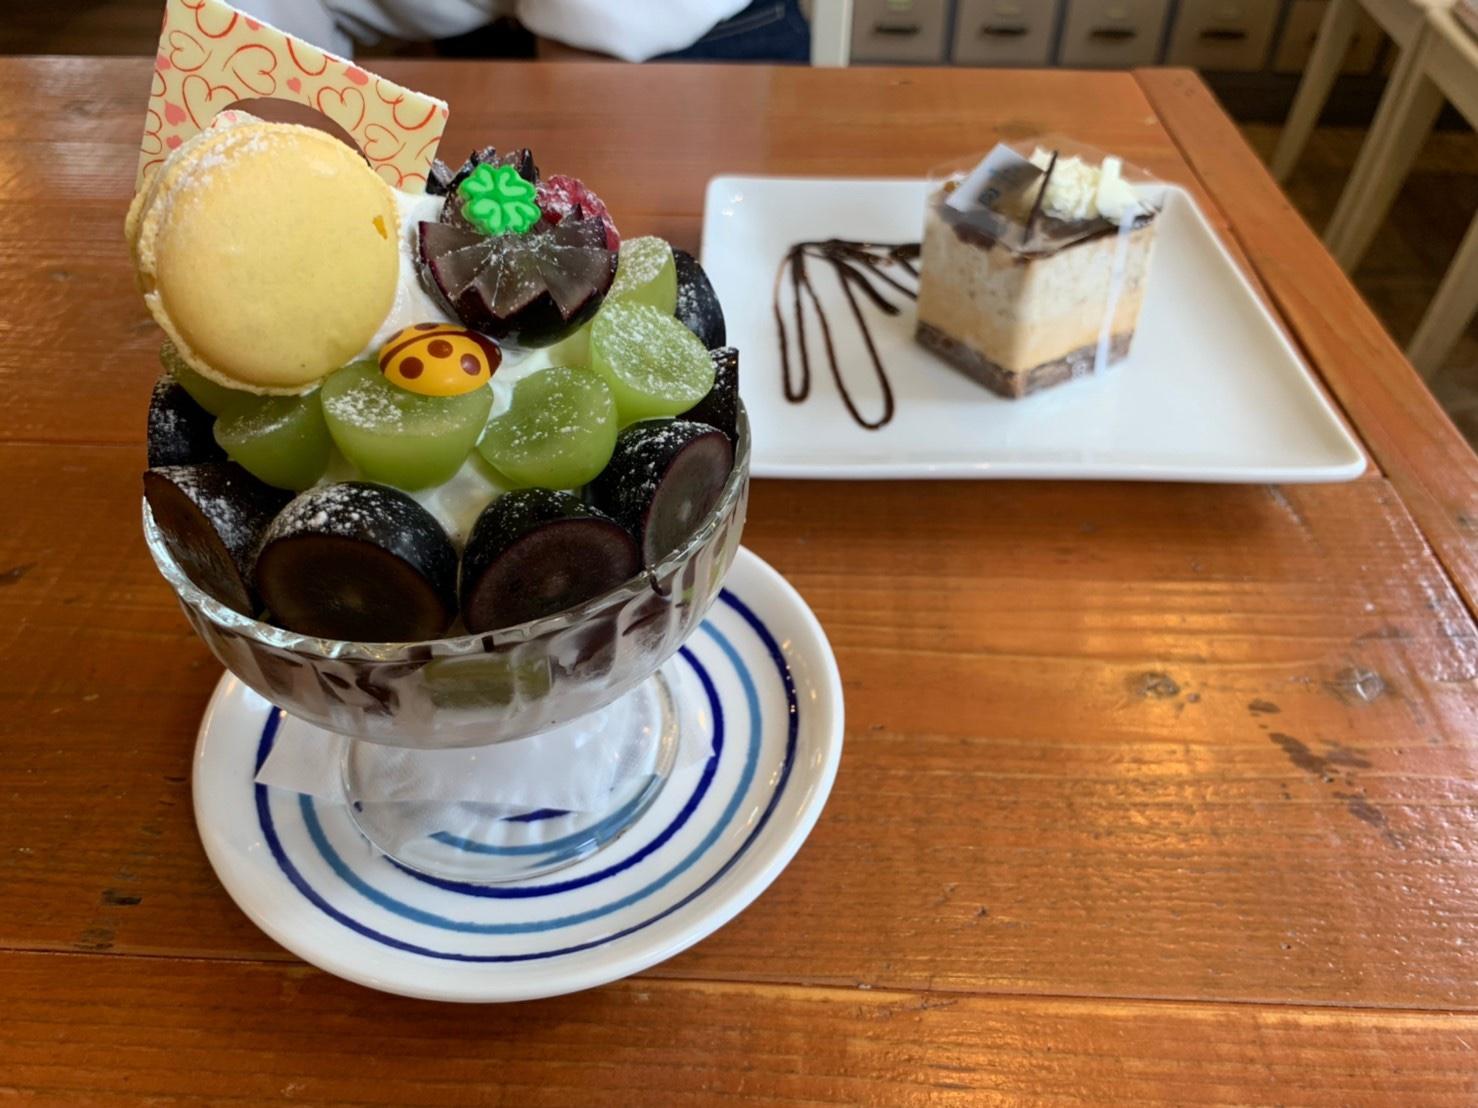 守山|新感覚!生姜スイーツと秋の味覚をふんだんに使用した季節限定パフェがいただけるケーキ屋さん